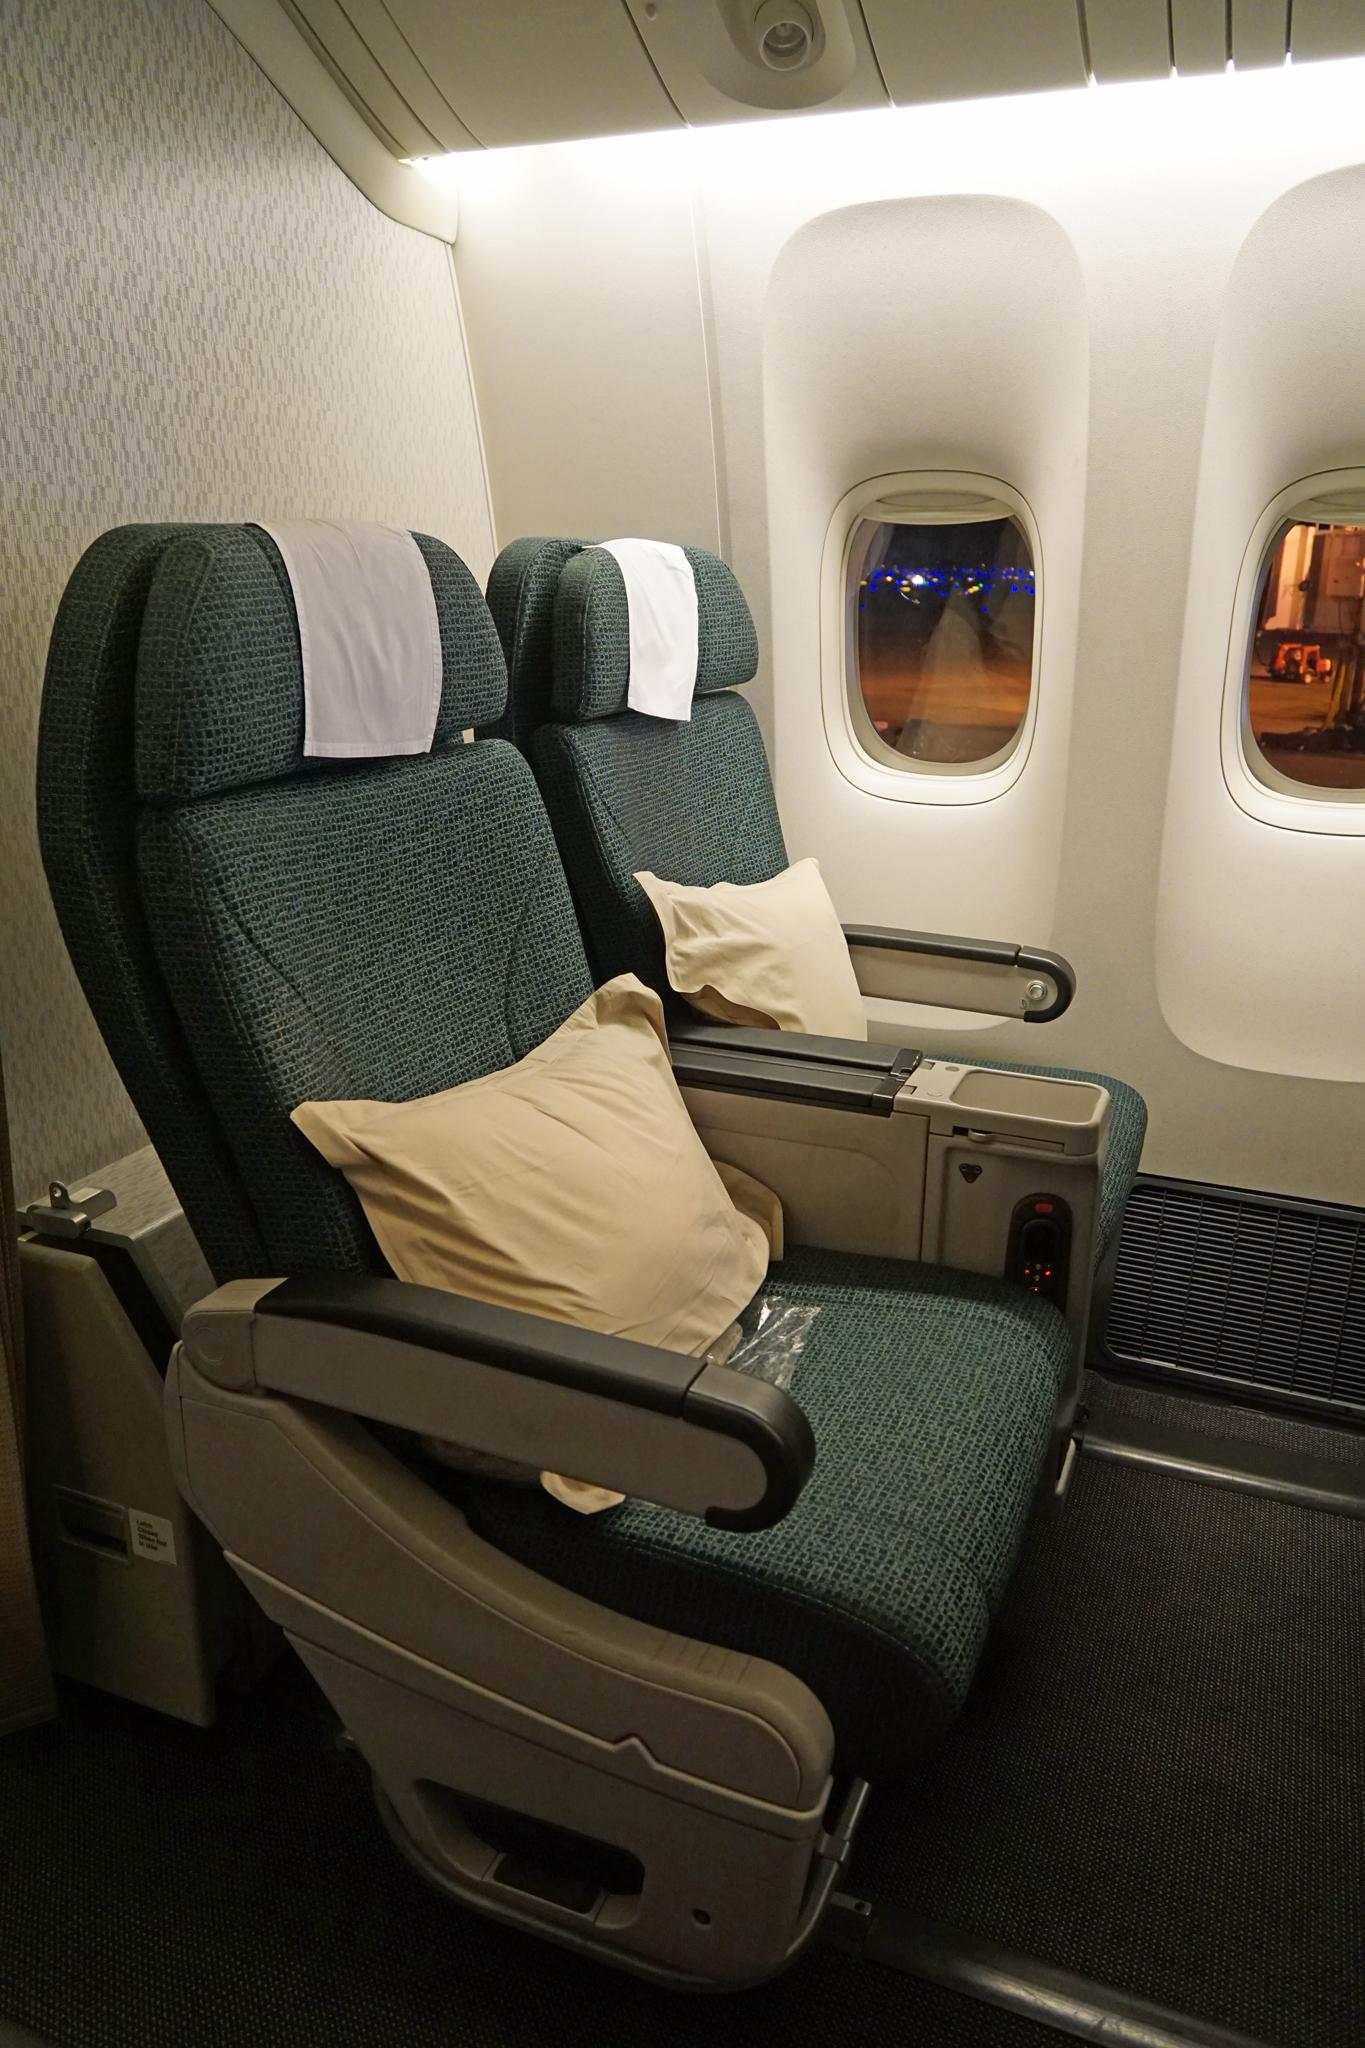 Cathay Pacific Premium Economy Class Seats